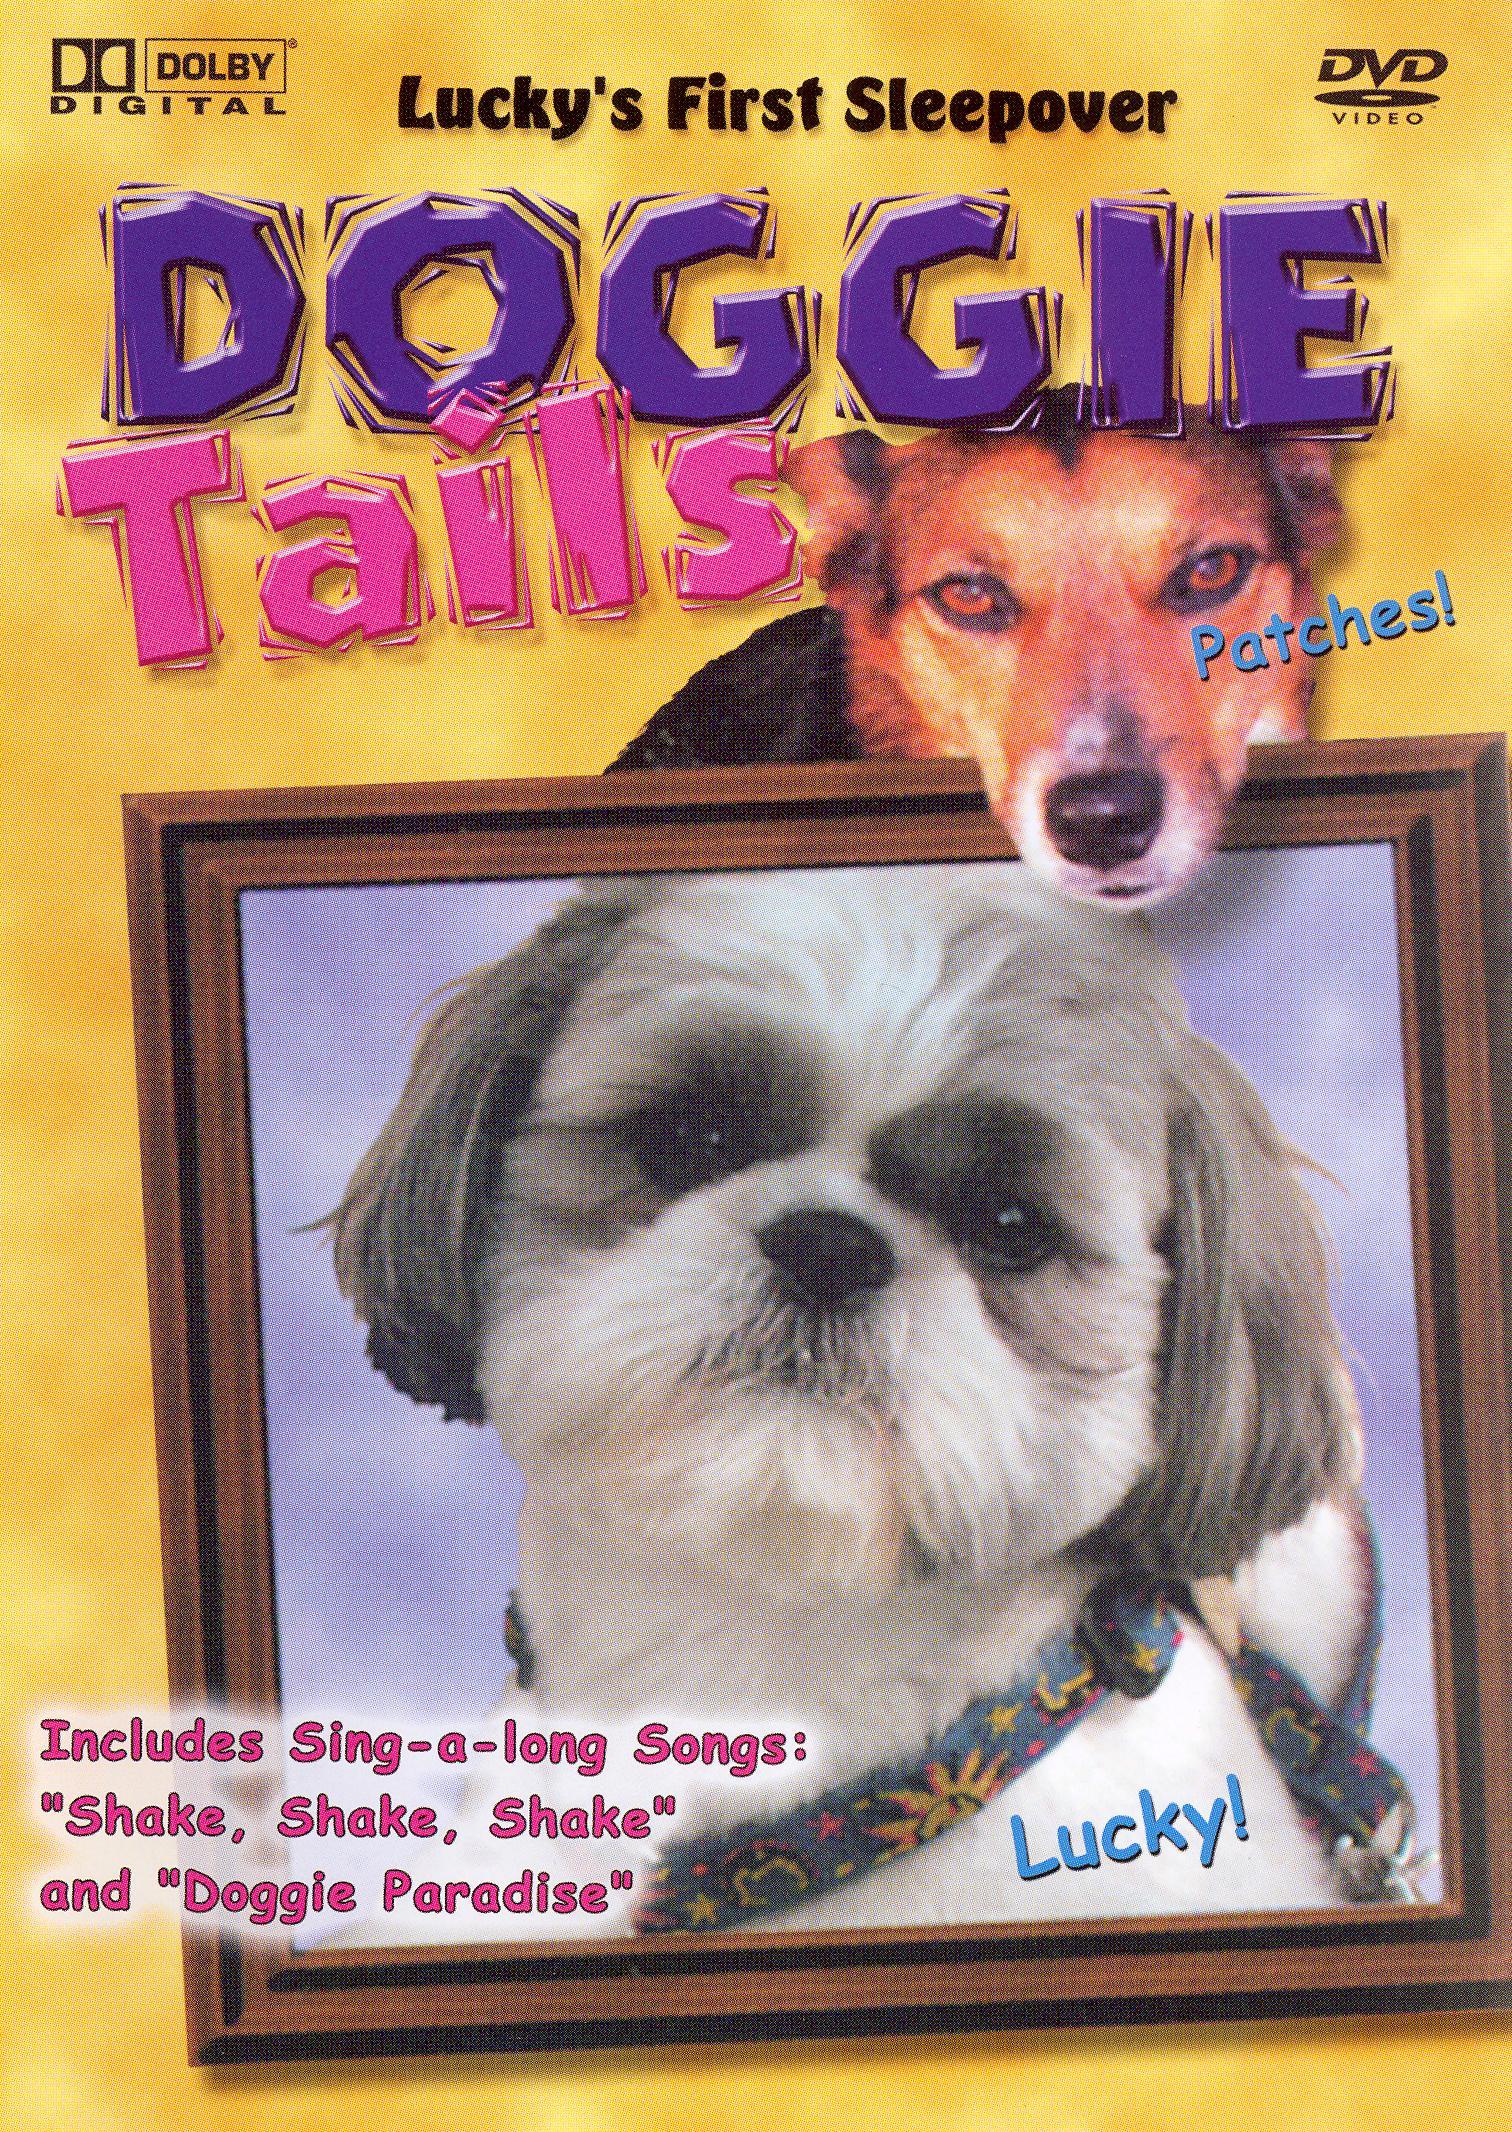 Doogie Tails